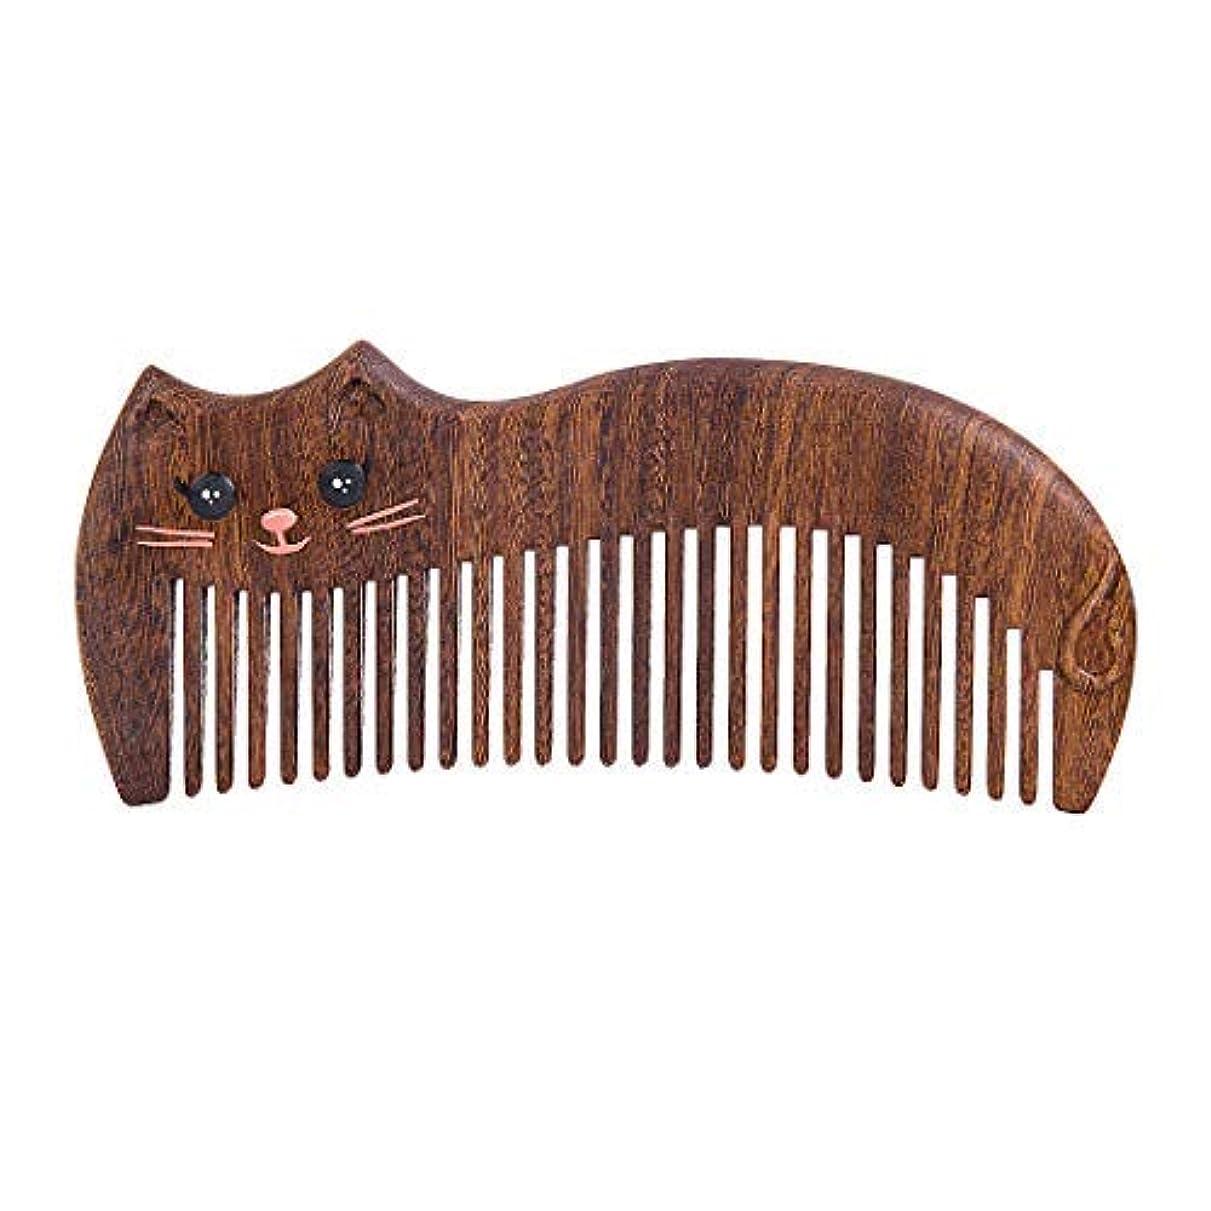 スワップロードされた不名誉なAnti-Static Wood Shaped Kitty Cat Comb [並行輸入品]